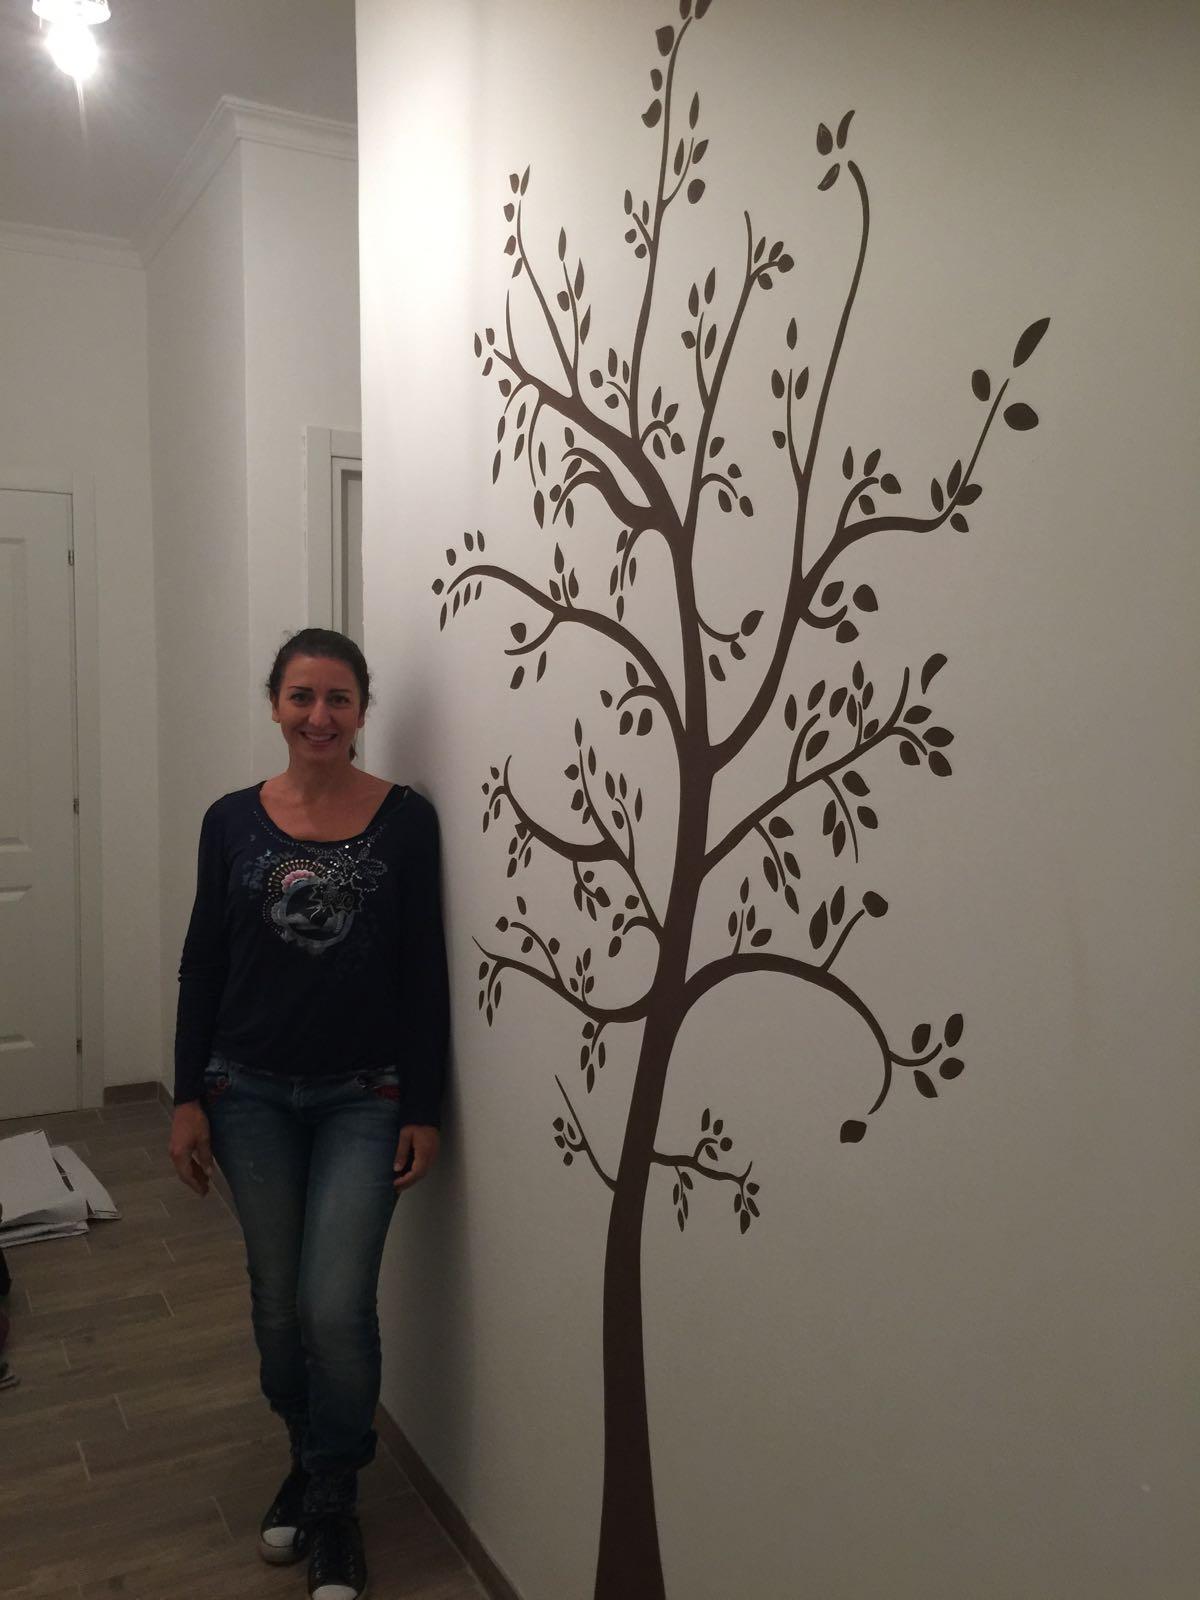 Decorazione parete - Albero con le foglie